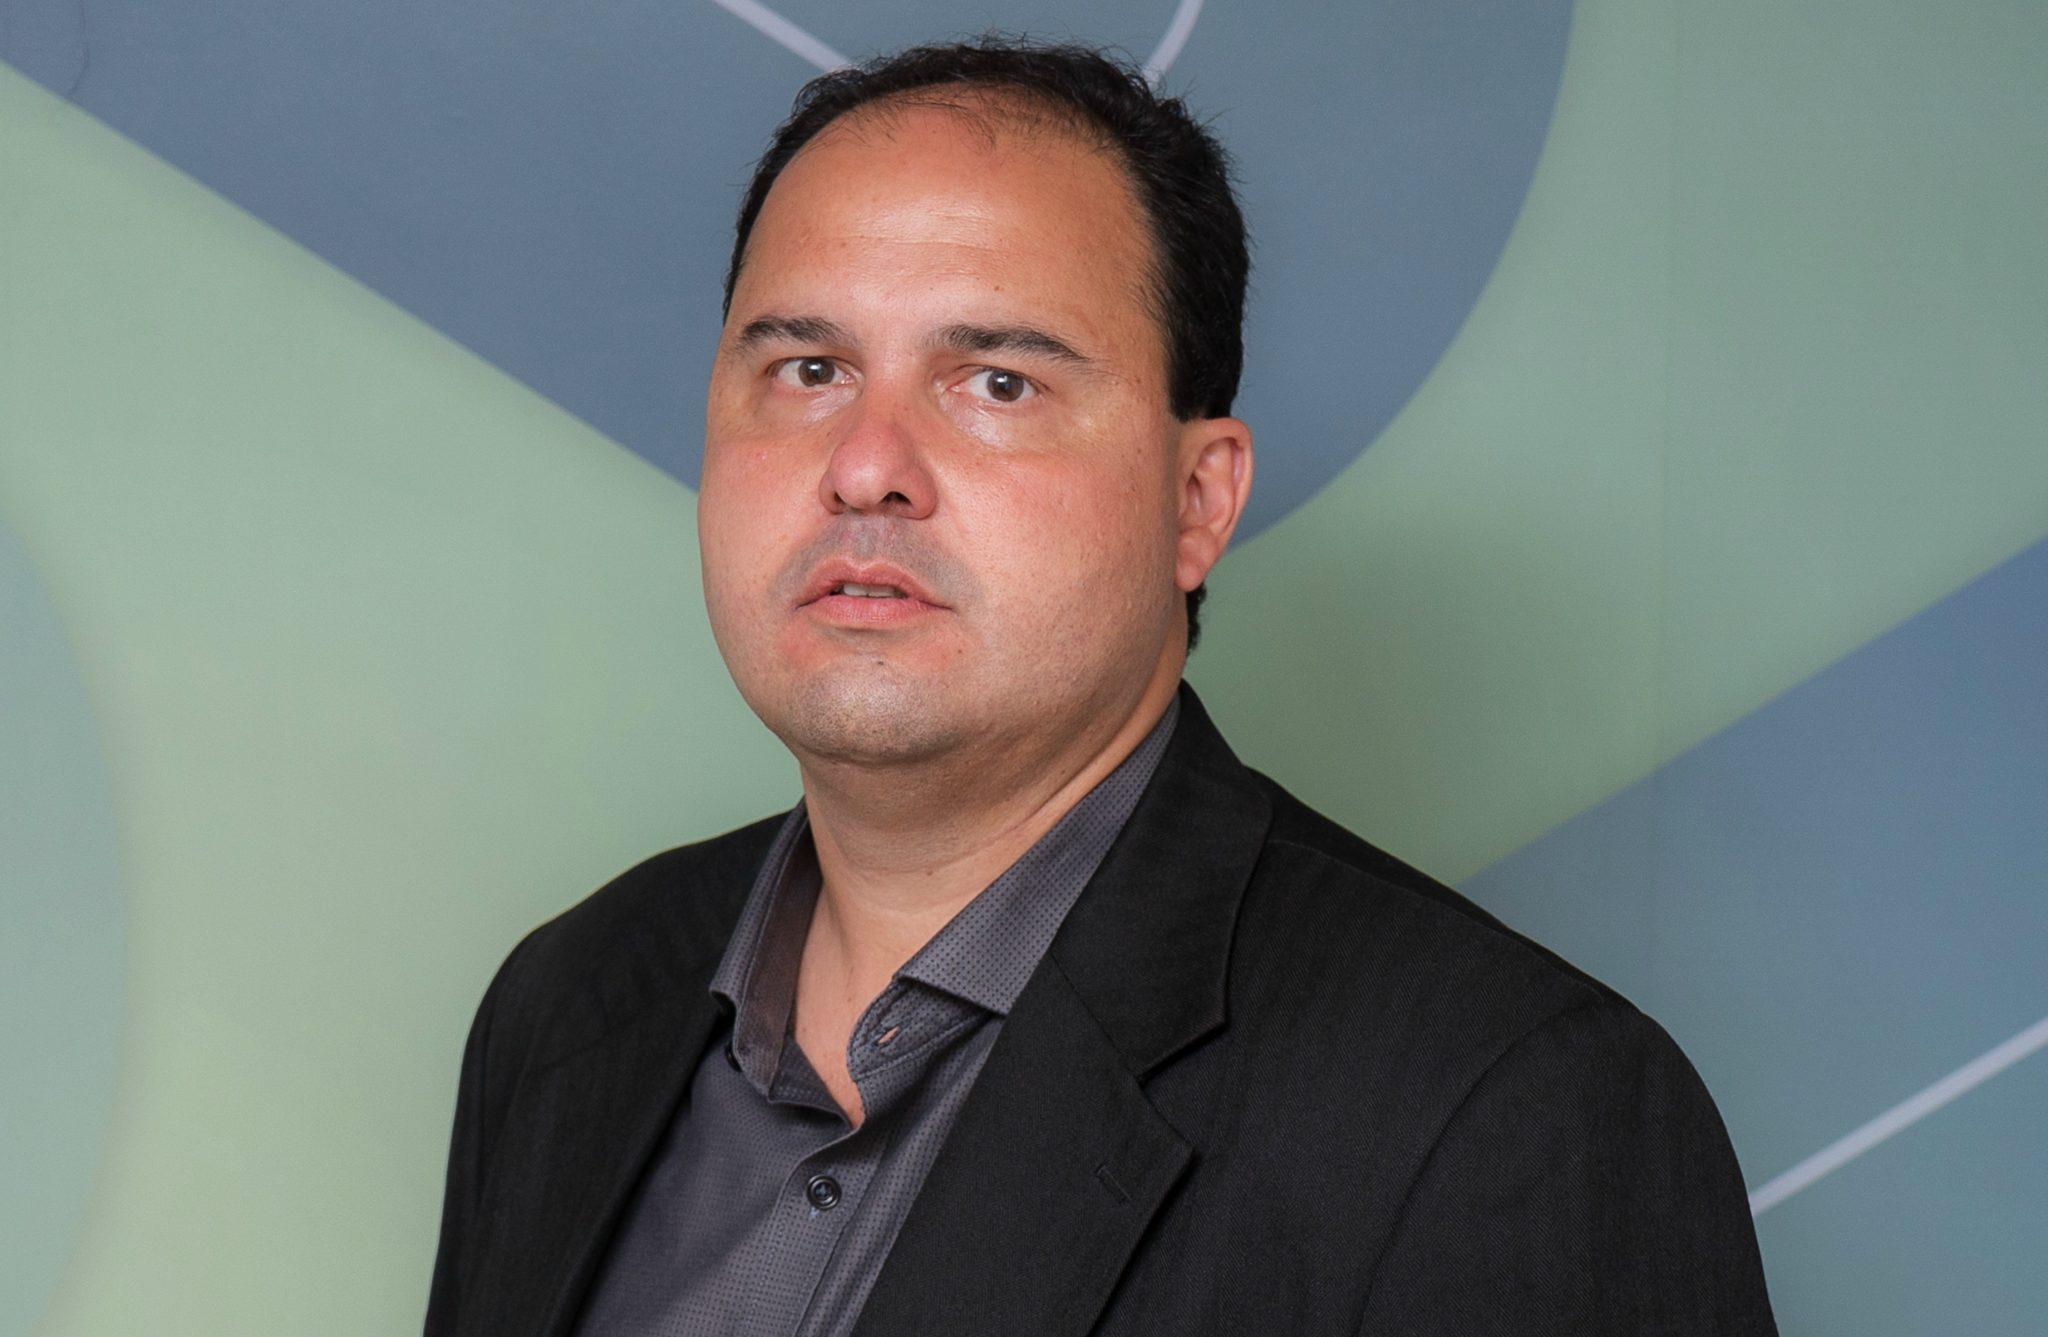 André Reis fala sobre substituição fiscal no Rio de Janeiro